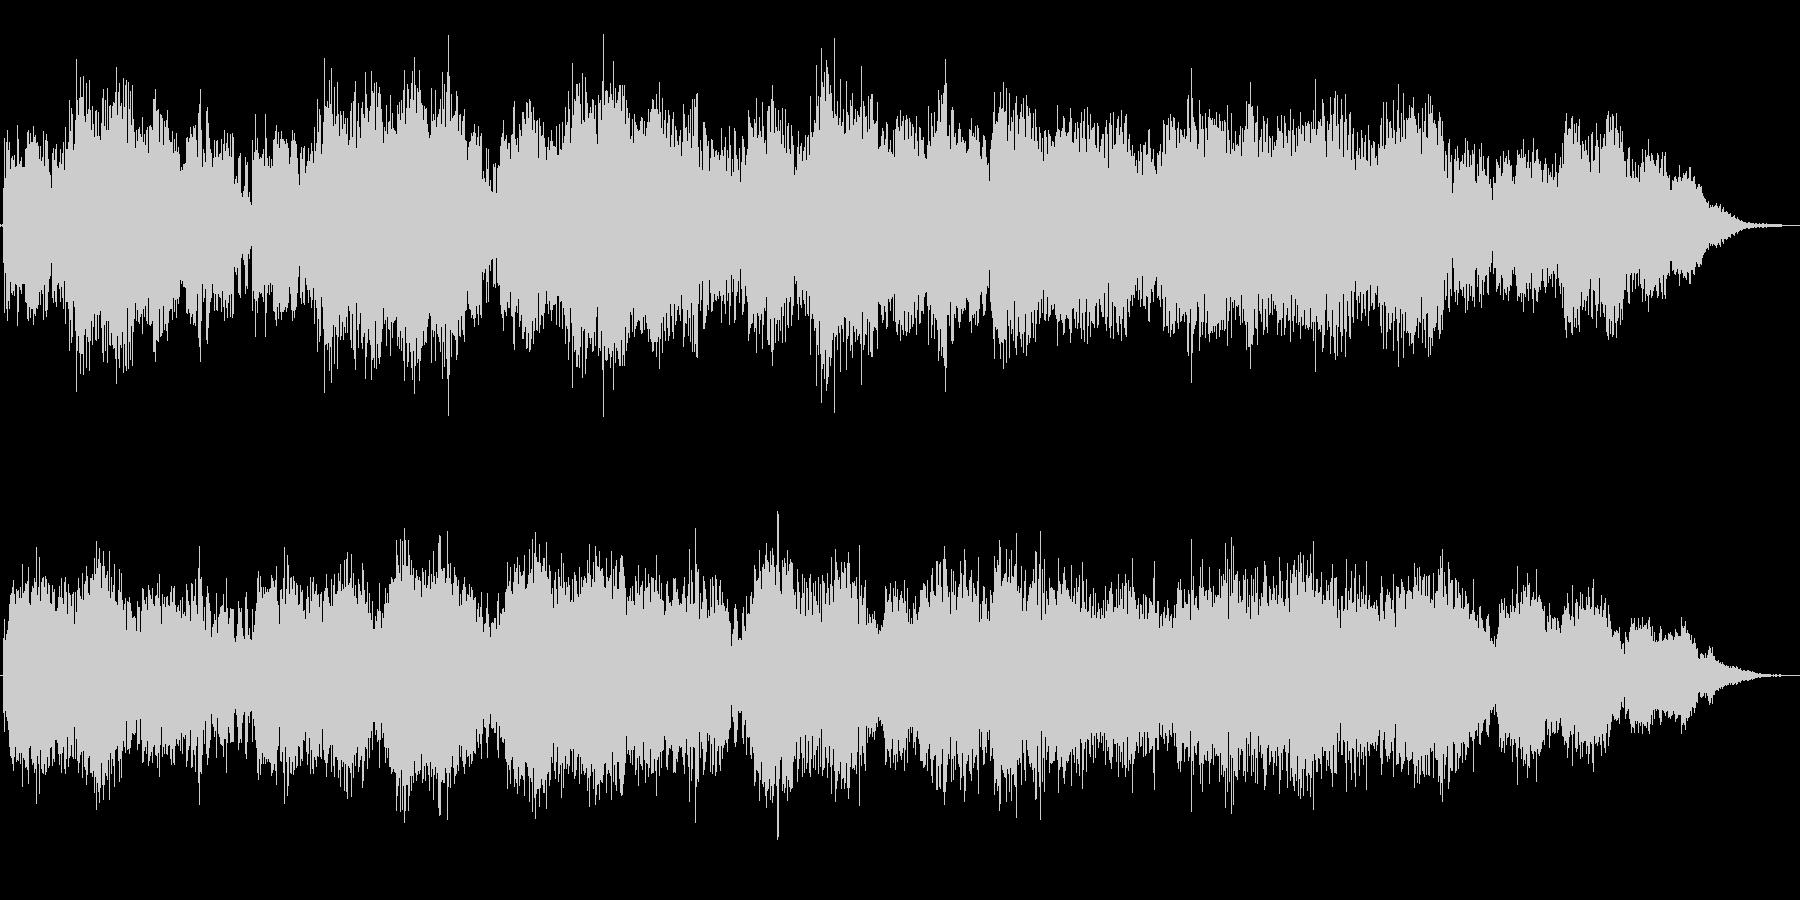 未来空間音楽の未再生の波形